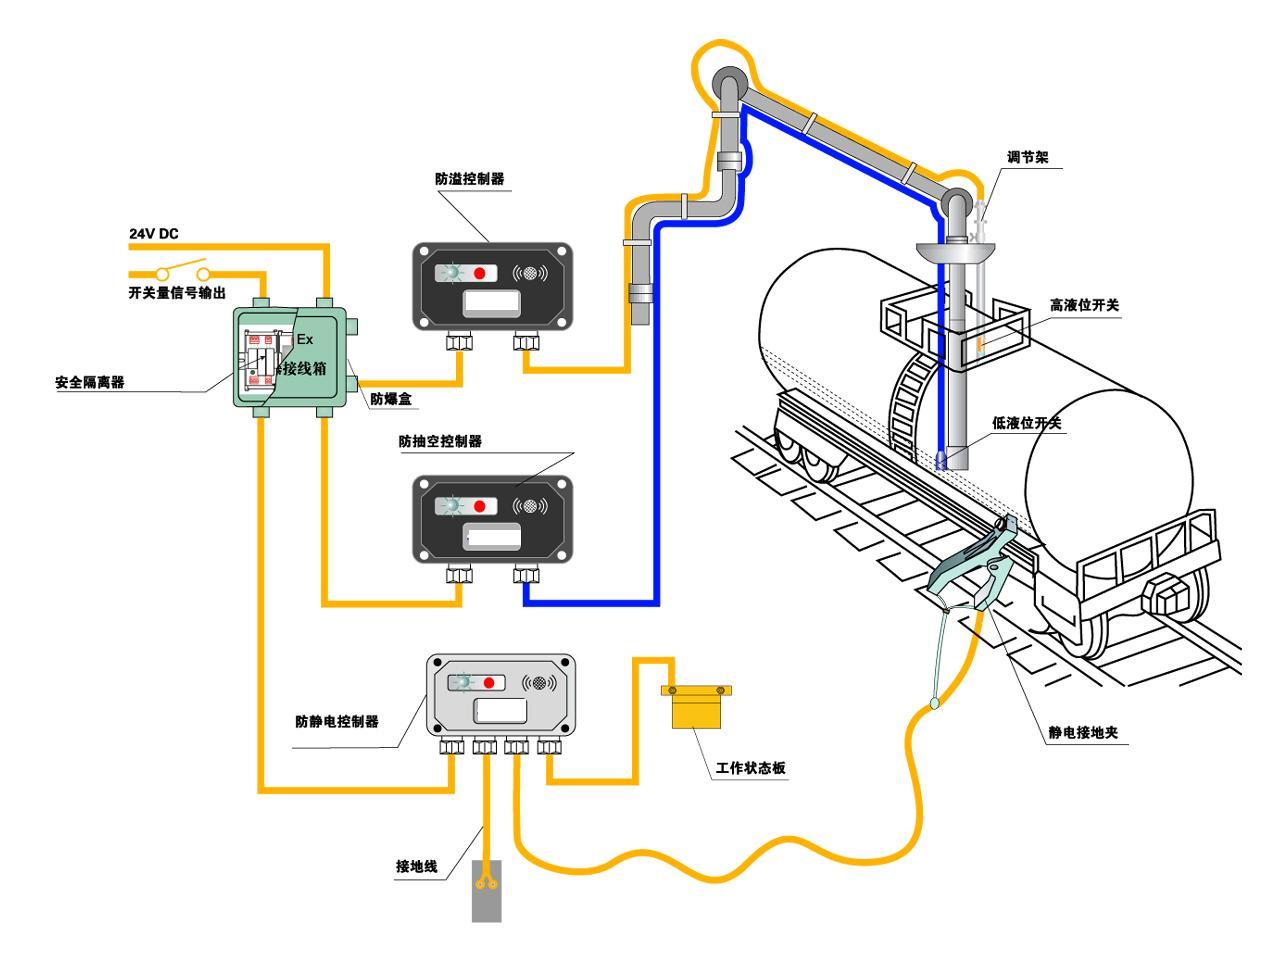 一、前言 在铁路栈桥油品、液态化工品装卸过程中,既要避免溢流现象的发生,又要防止因抽空而导致潜油泵损坏,同时还要保证可靠的静电接地。为了有效解决上述问题,我们提供以下方案:当液面高于危险高度时,自动断开罐装;当液面低于安全高度时,自动停止抽取,轻松实现无人监控,确保装卸安全运行。 您可以根据现场情况选择整套系统或单独功能,根据不同场合需要,我们还可以有针对性的为您量身打造完整解决方案。 四、技术参数 1.